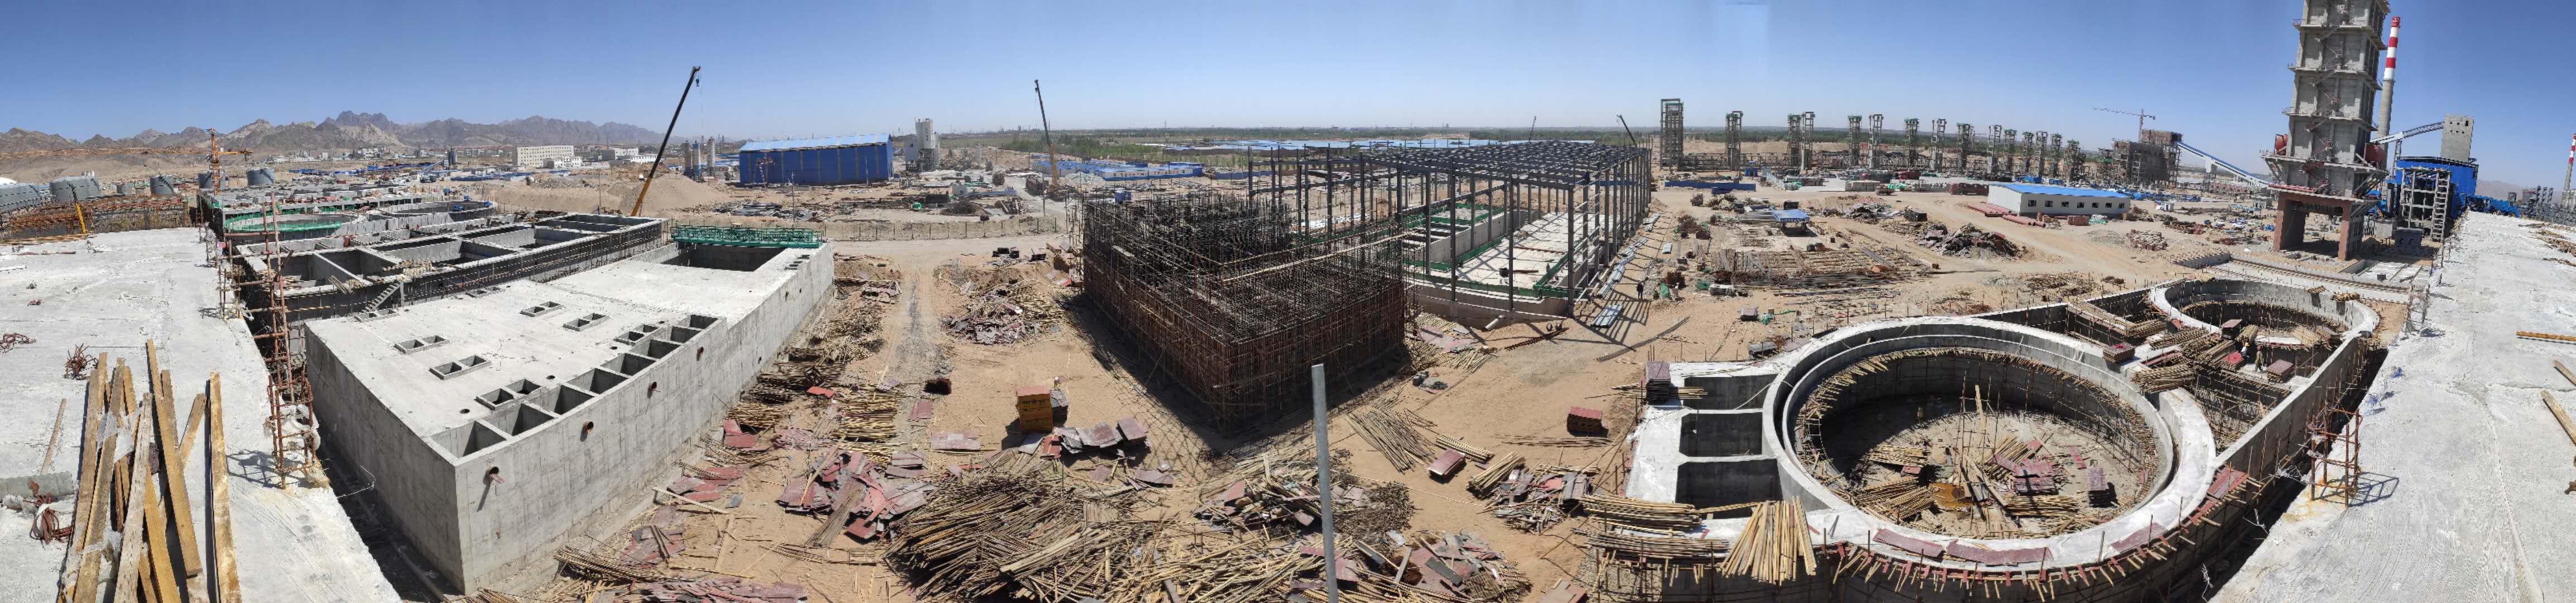 内蒙古黑猫煤化工综合污水处理项目(在建)